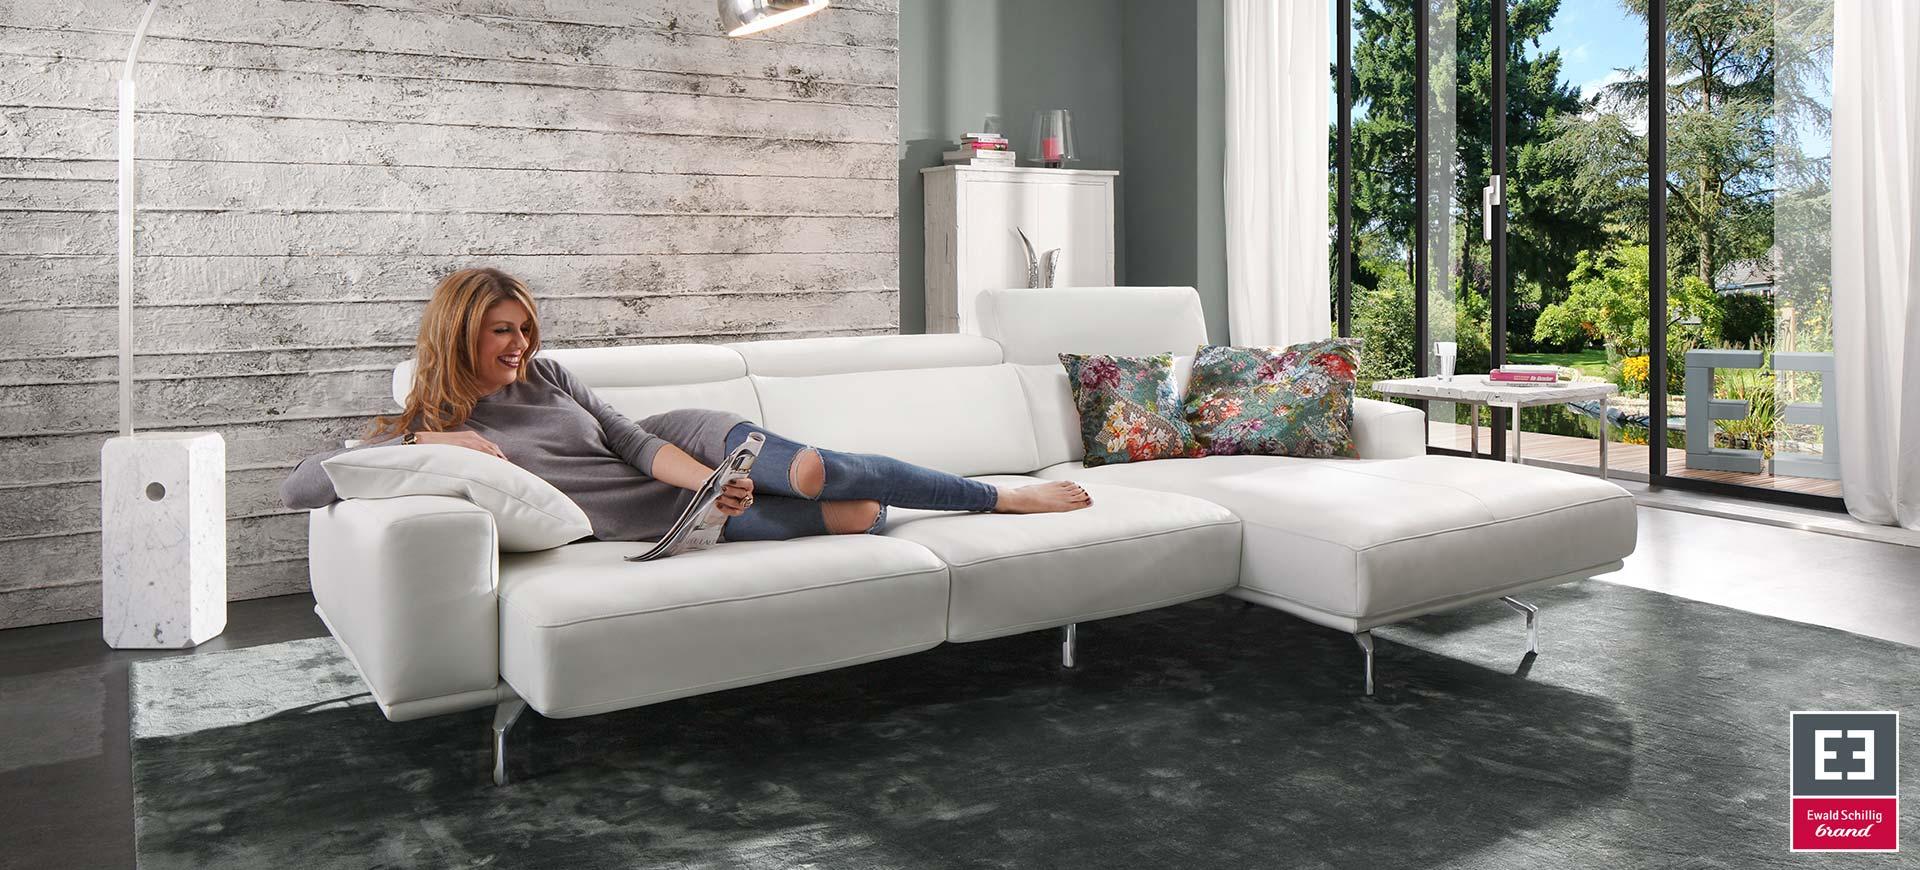 Full Size of Schillig Sofa Ewald Gebraucht Kaufen Alexx 22850 Online Couch Sherry Broadway Leder Taoo W Outlet Plus Preis Mbelmarkt Mnster In B Darmstadt Nahe Sofa Schillig Sofa